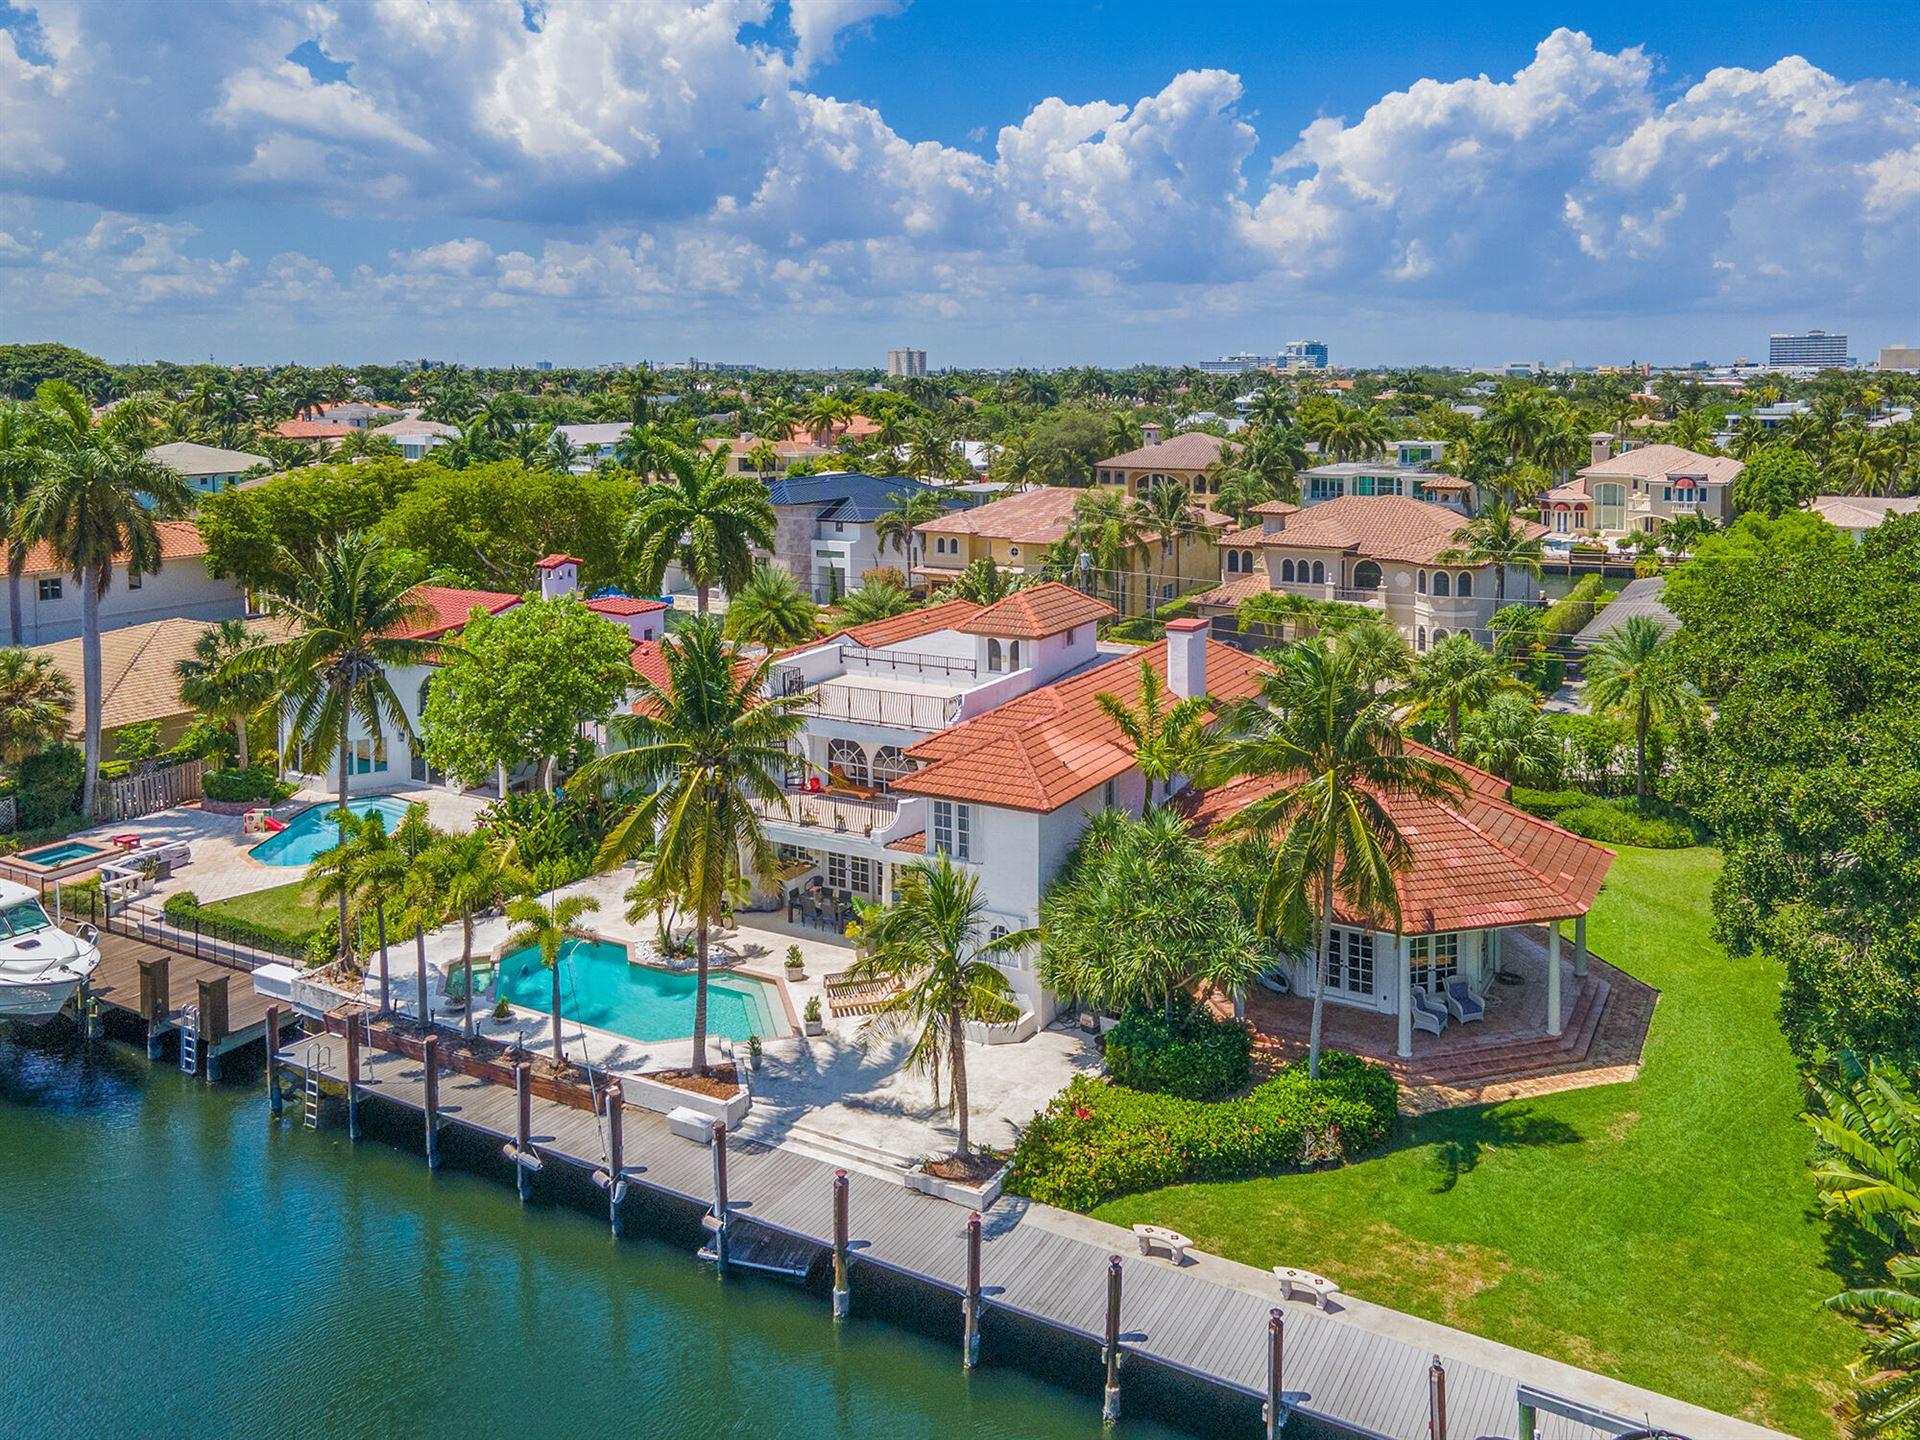 2420 Sea Island Drive, Fort Lauderdale, FL 33301 - #: RX-10732381